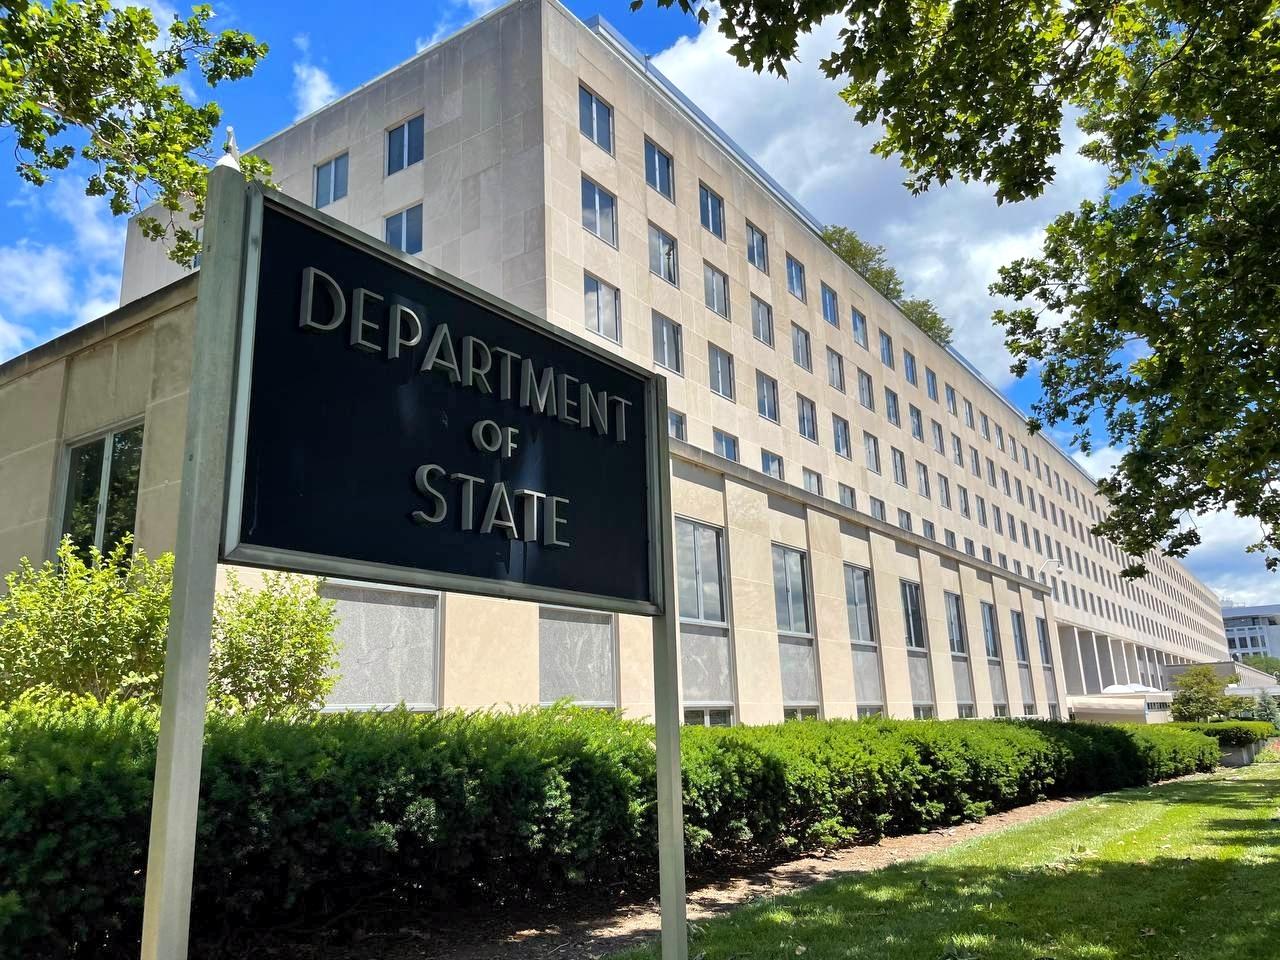 مبنى وزارة الخارجية الأمريكية في واشنطن